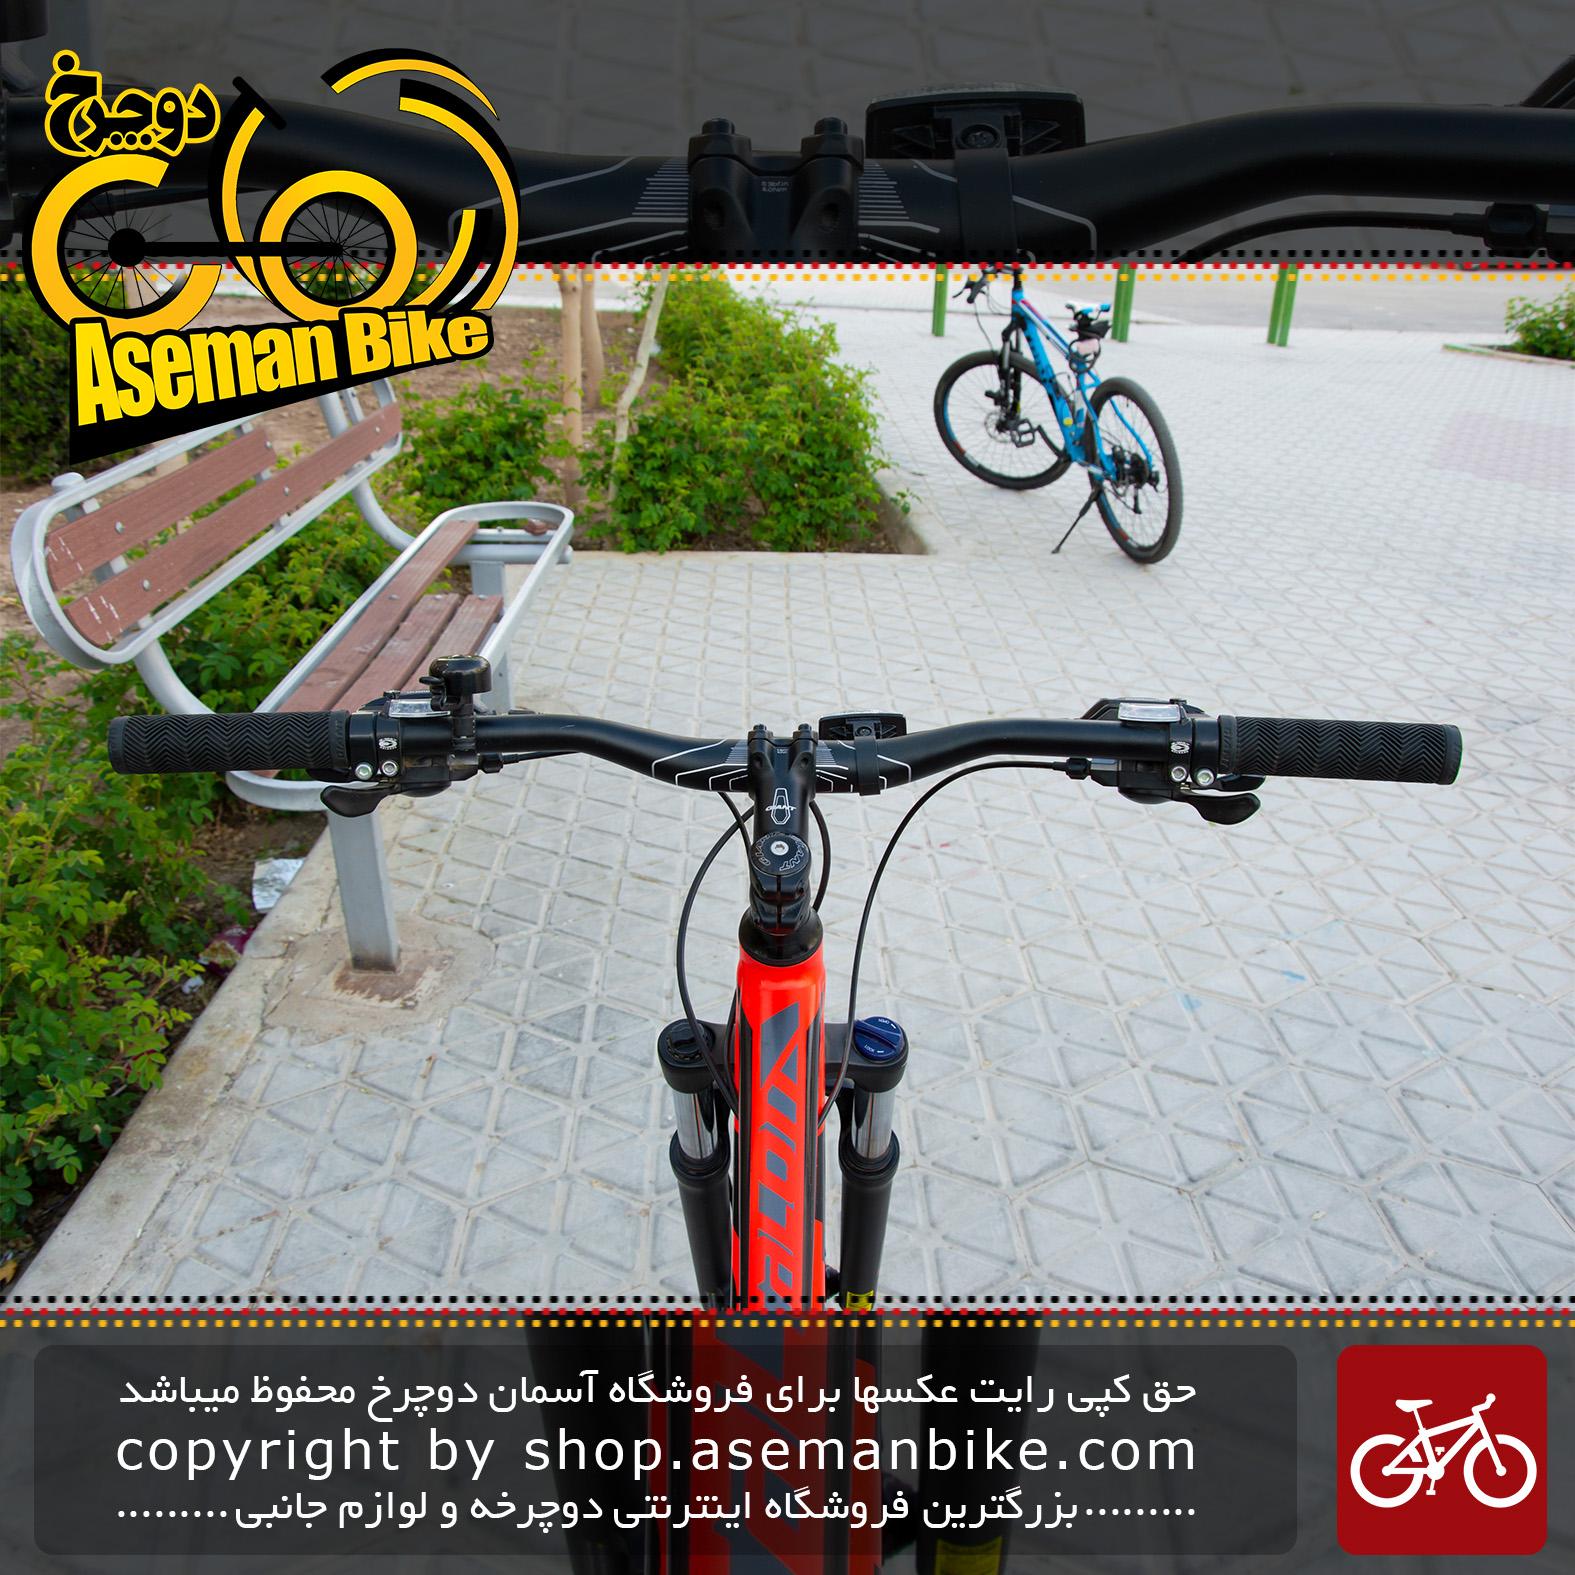 دوچرخه کوهستان جاینت مدل تالون 2 سایز 27.5 18 دنده ست دیور 2017 دست دوم Giant Mountain Bicycle Talon 2 18 Speed 27.5 Deore 2017